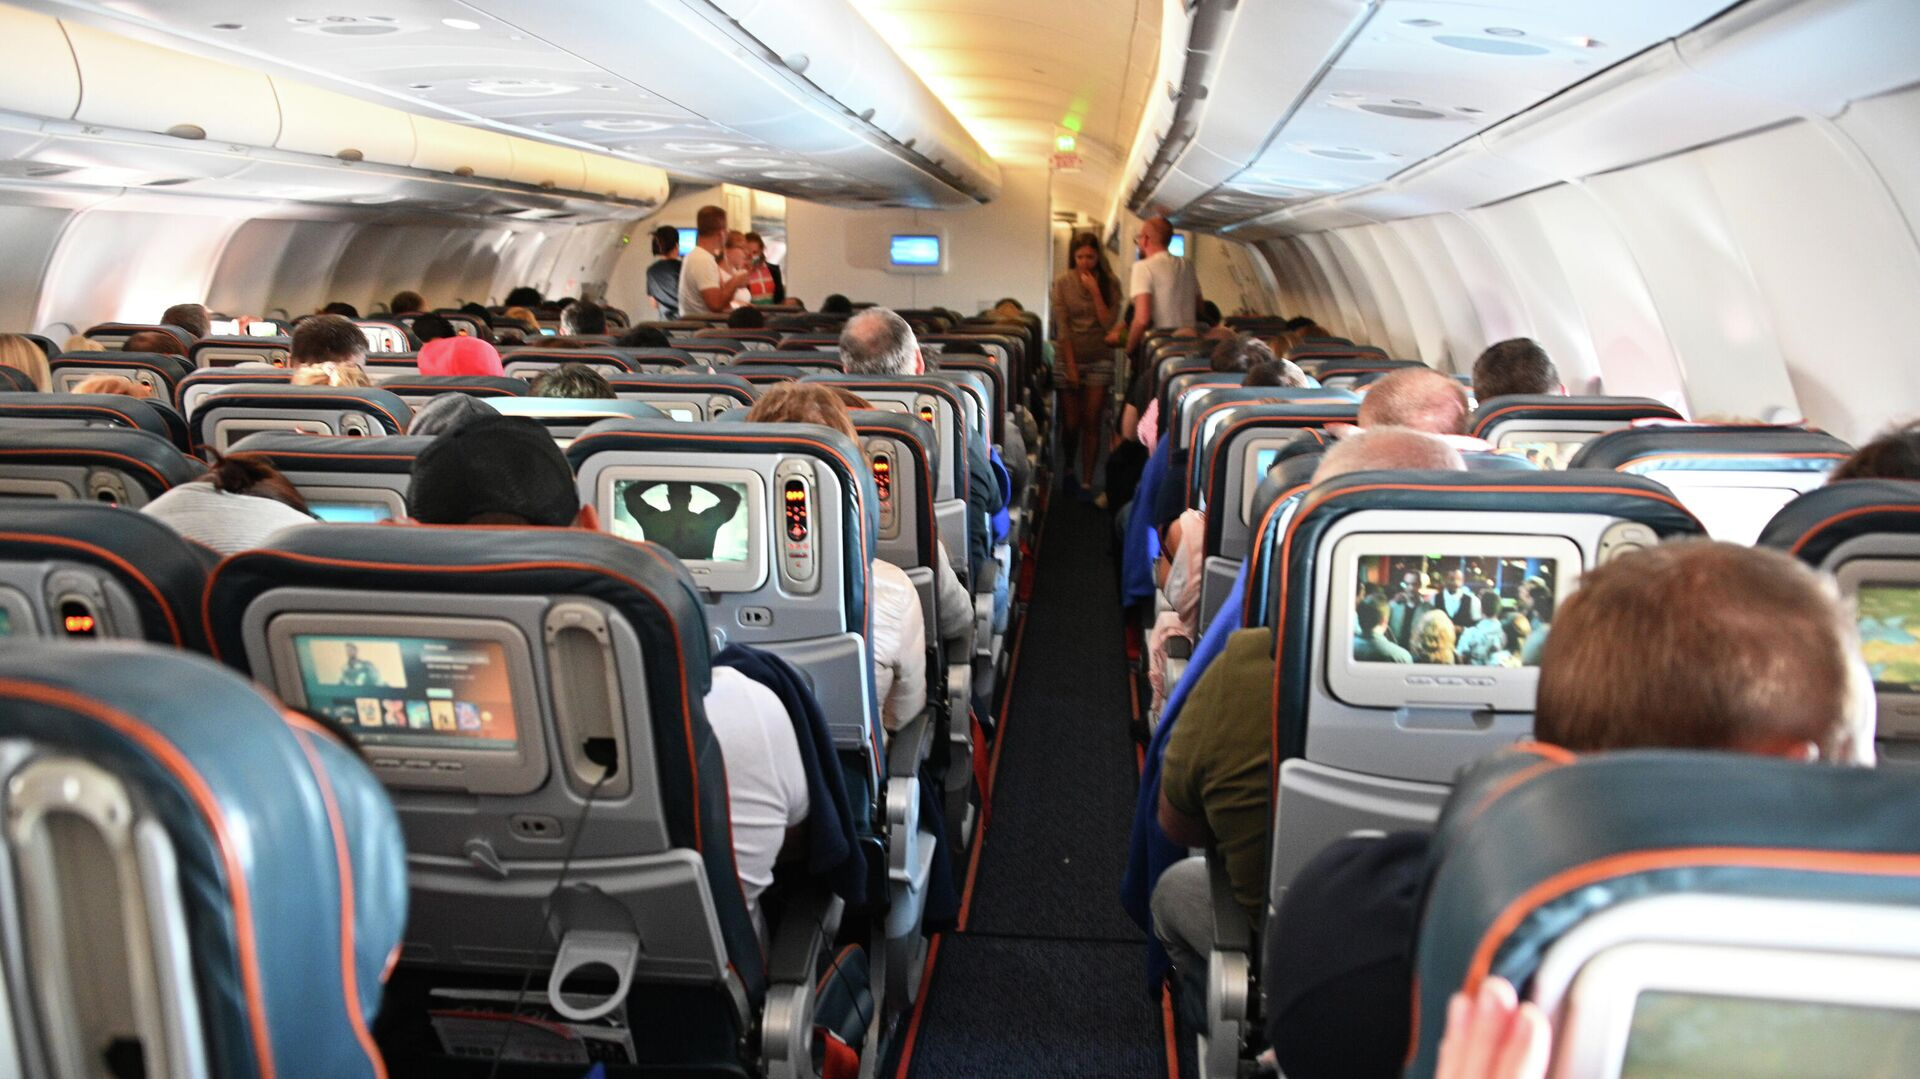 Пассажиры в салоне самолета - РИА Новости, 1920, 09.02.2021